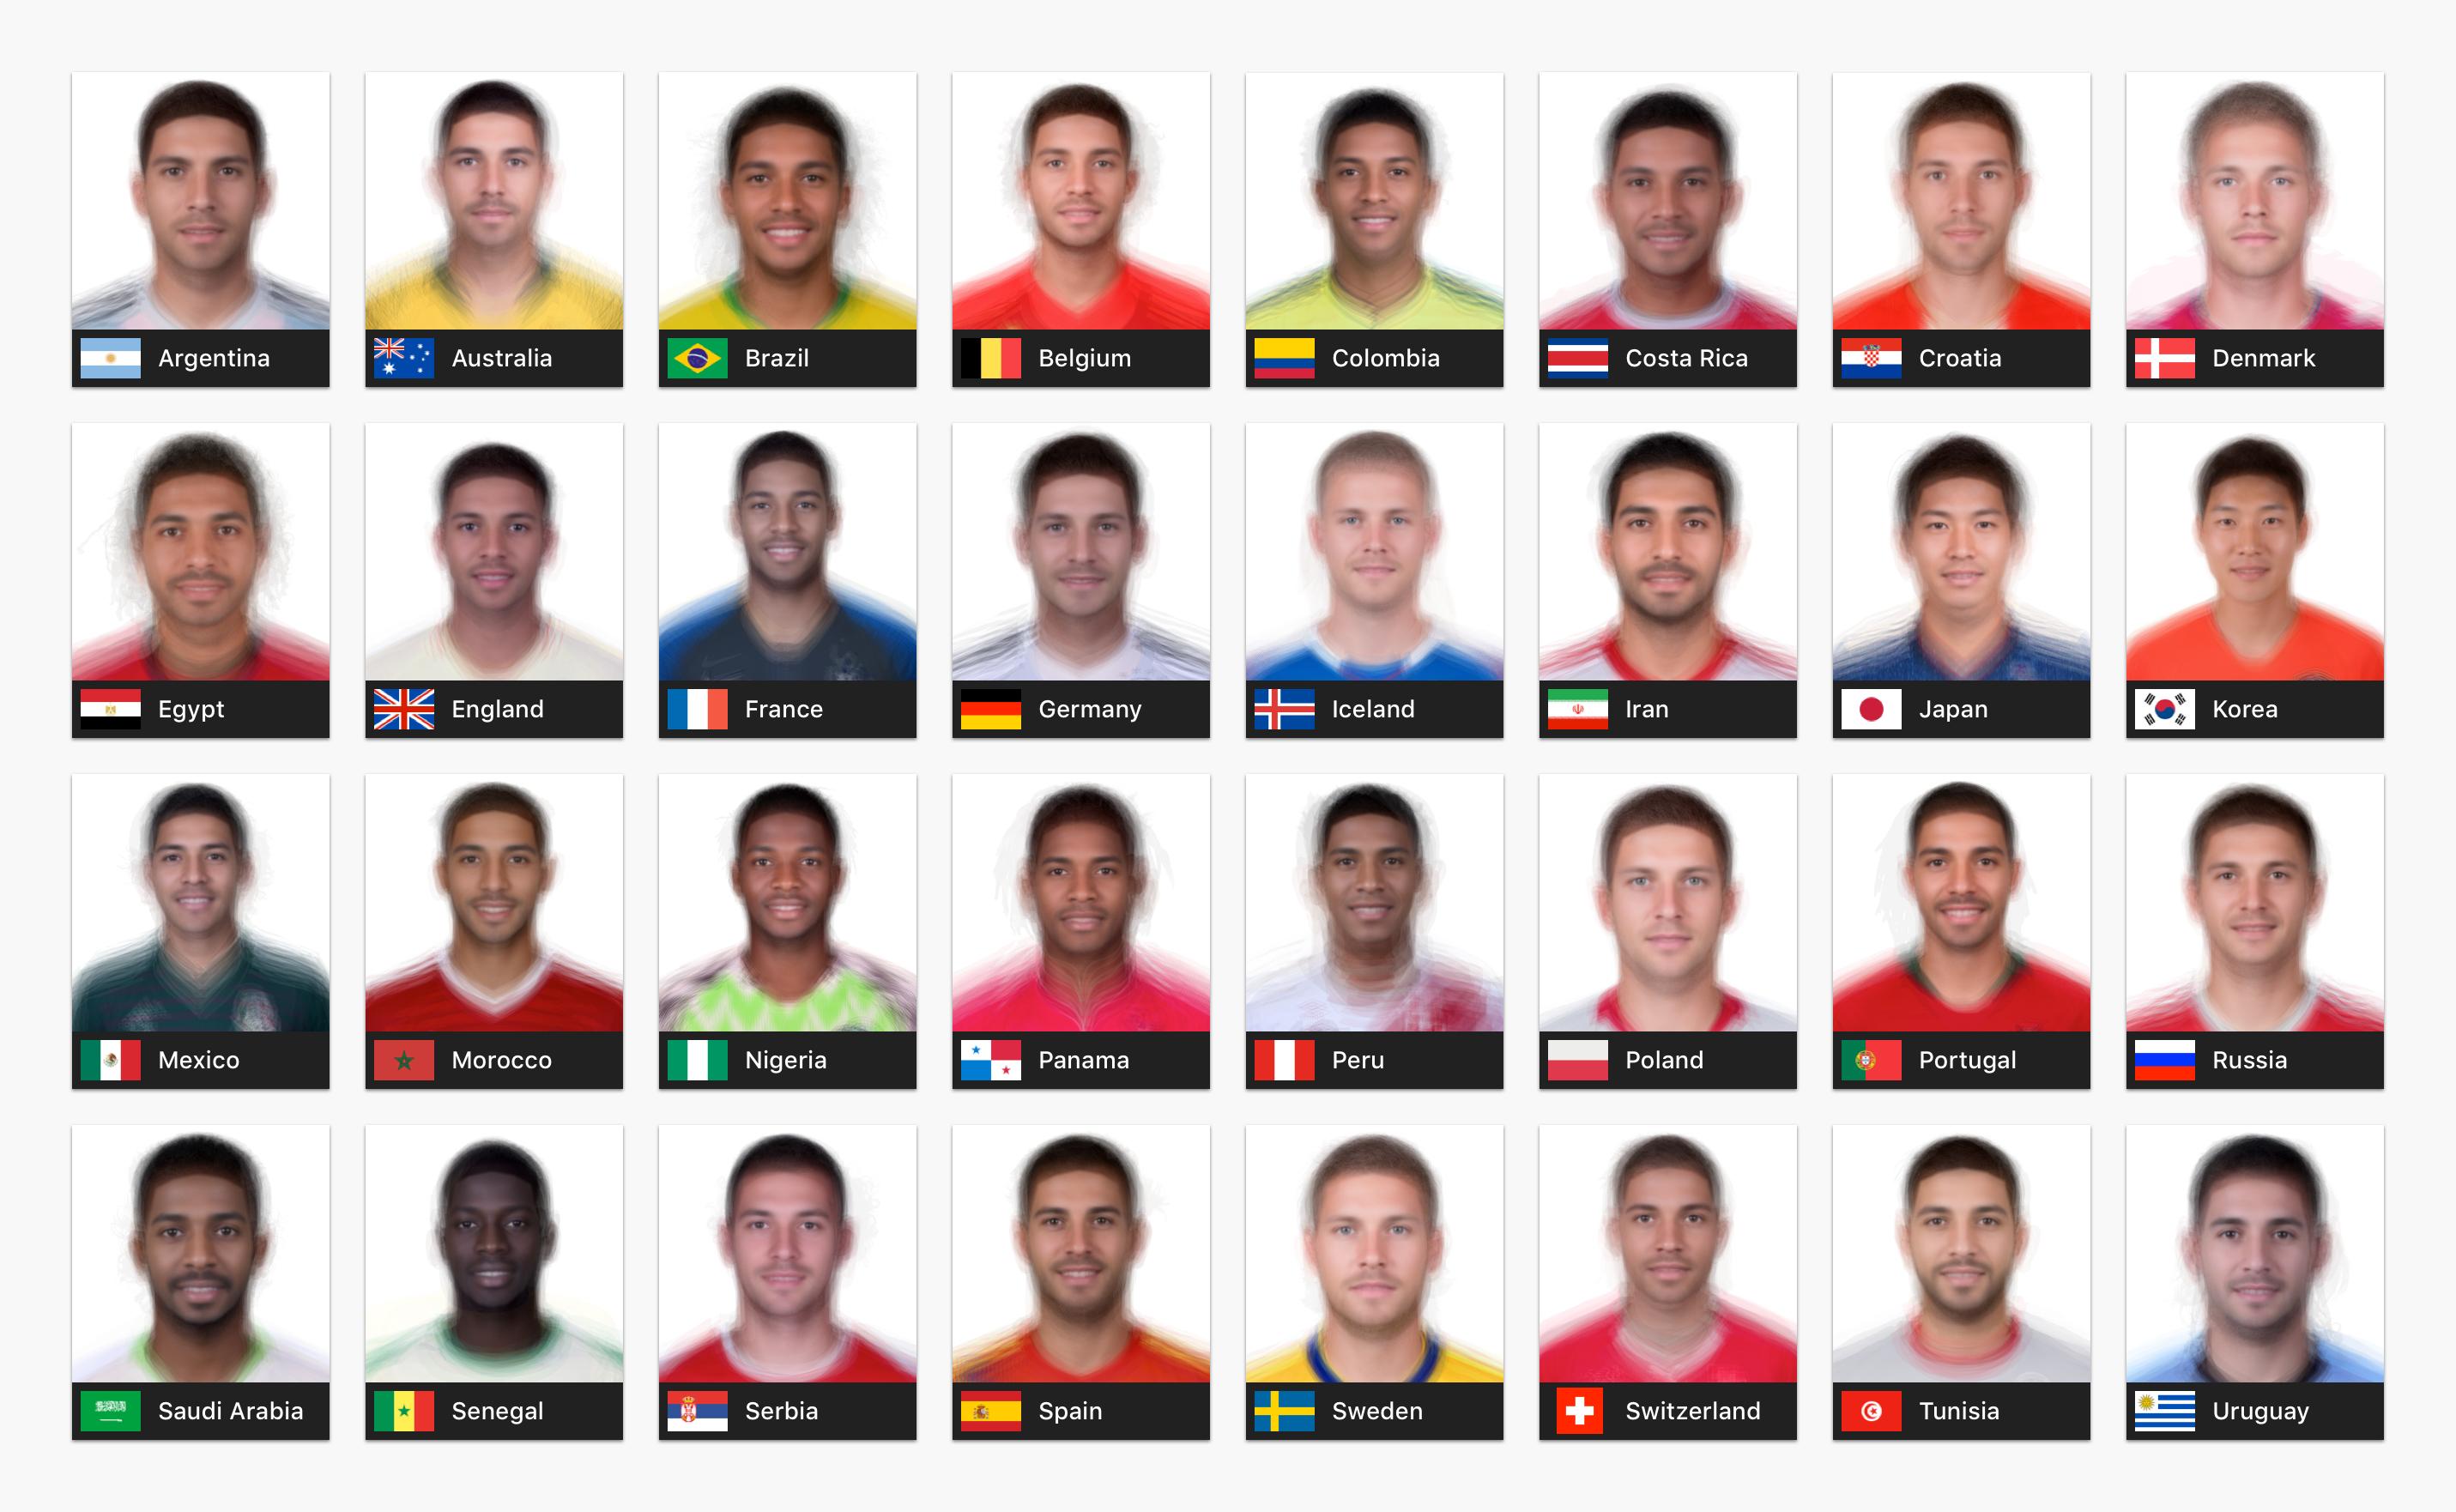 【画像】W杯出場チームの各国の平均顔が公開されるwwwwwww